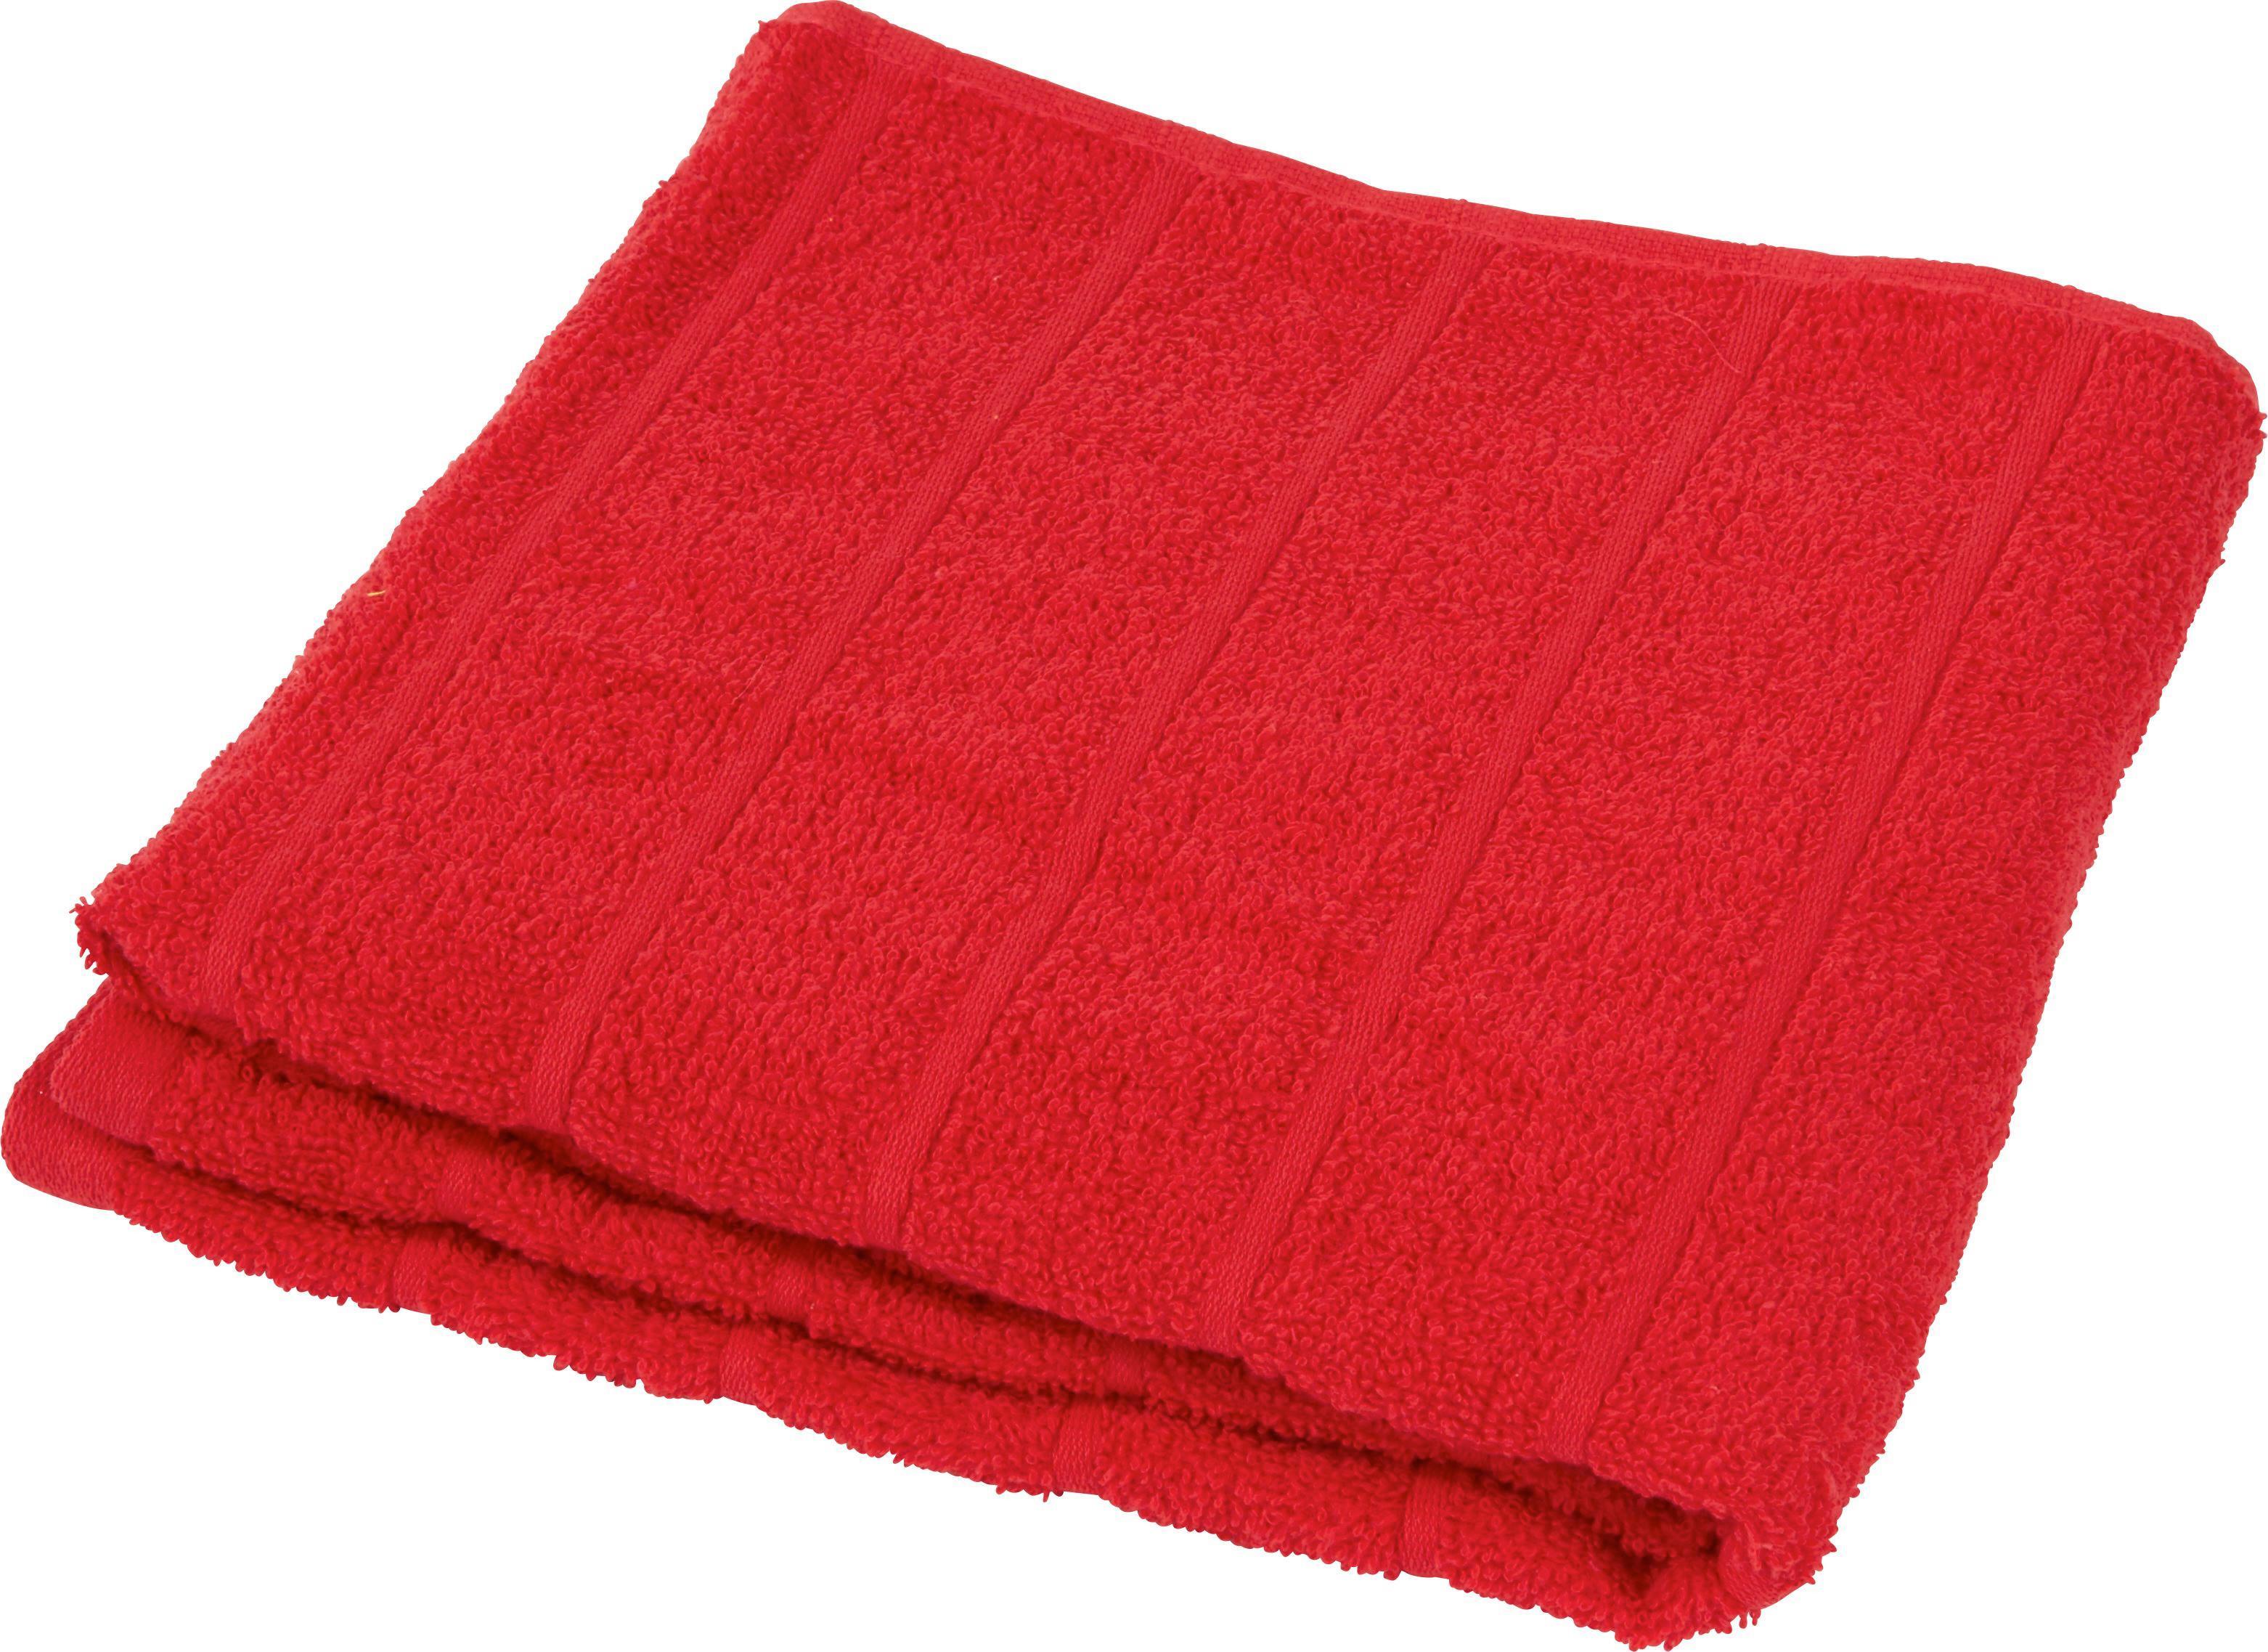 Fürdőlepedő Lilly 1 - piros, konvencionális, textil (70/140cm)